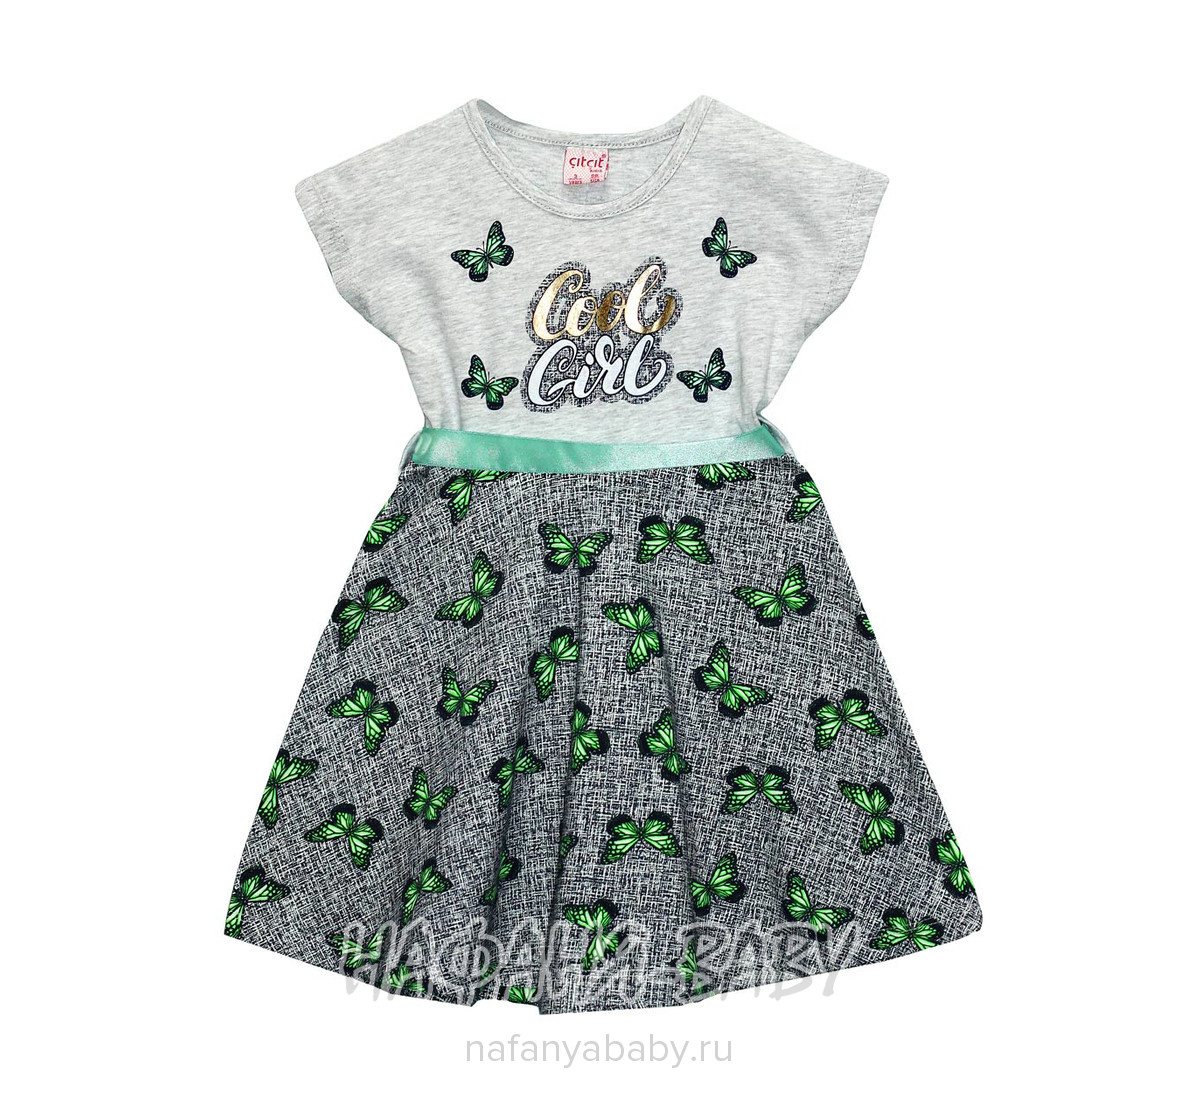 Детское платье, артикул 4132 Cit Cit арт: 4132, цвет серый меланж с персиковым, оптом Турция